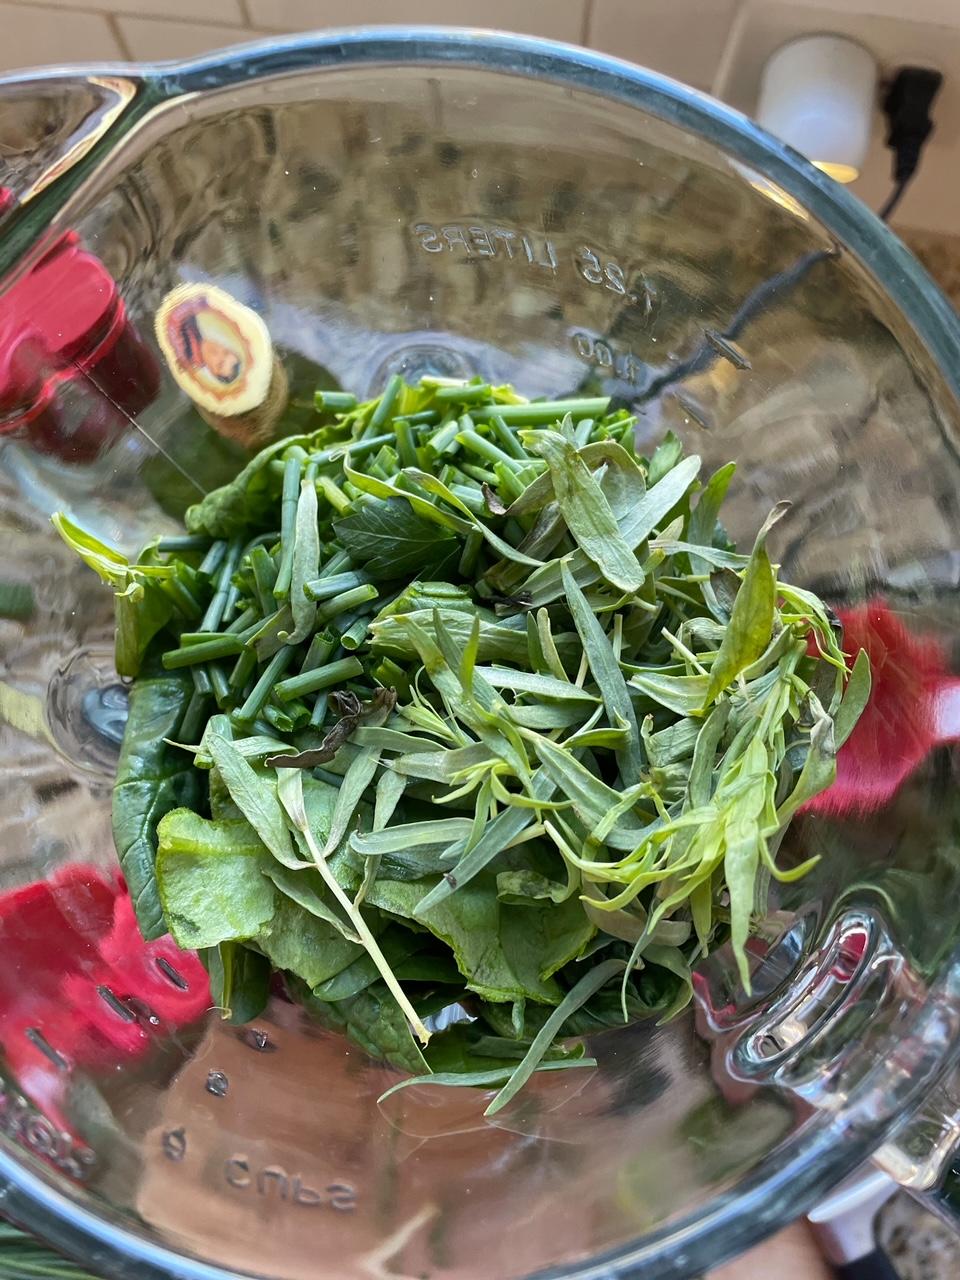 The greens for the Homemade Green Goddess Salad Dressing in a blender, not yet blended